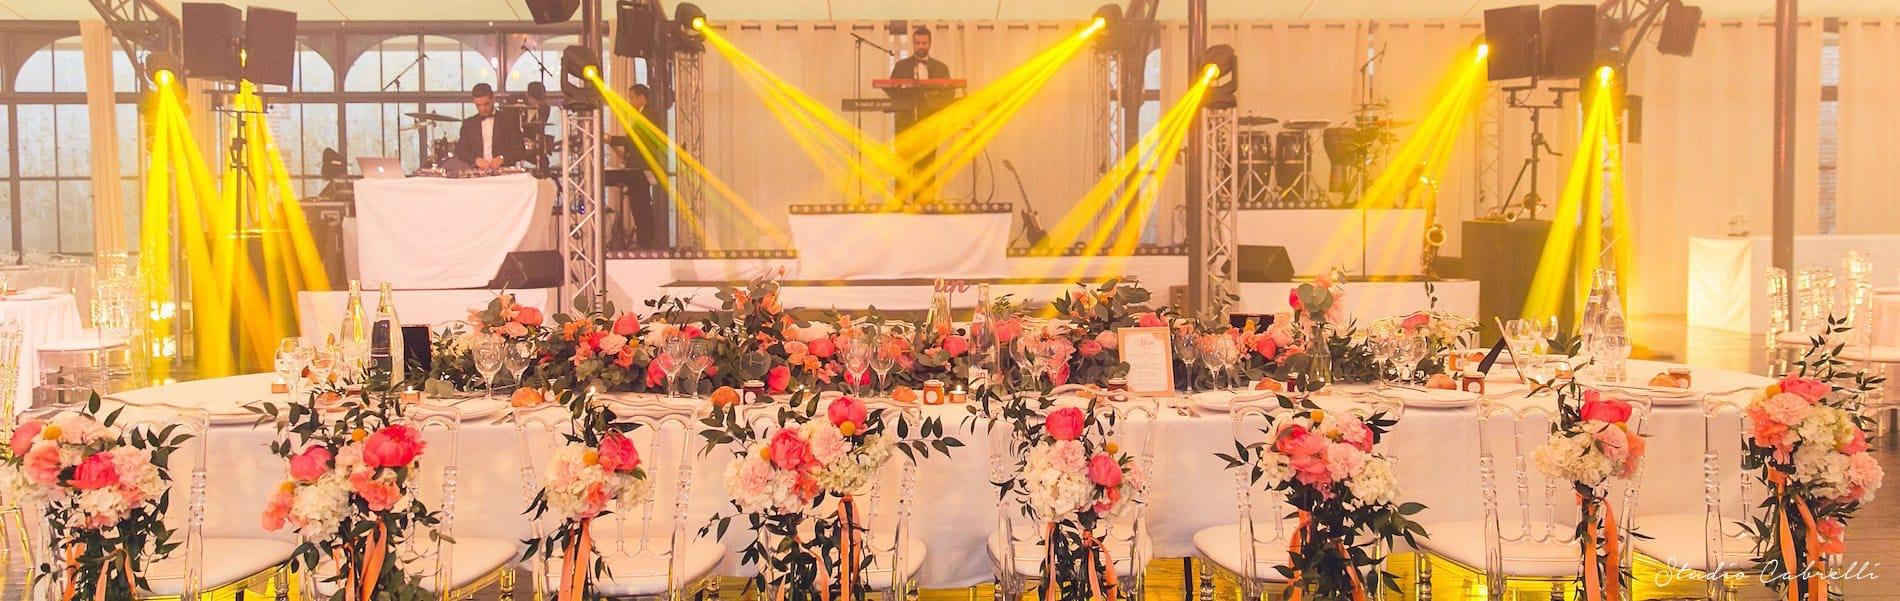 mariage orangerie_